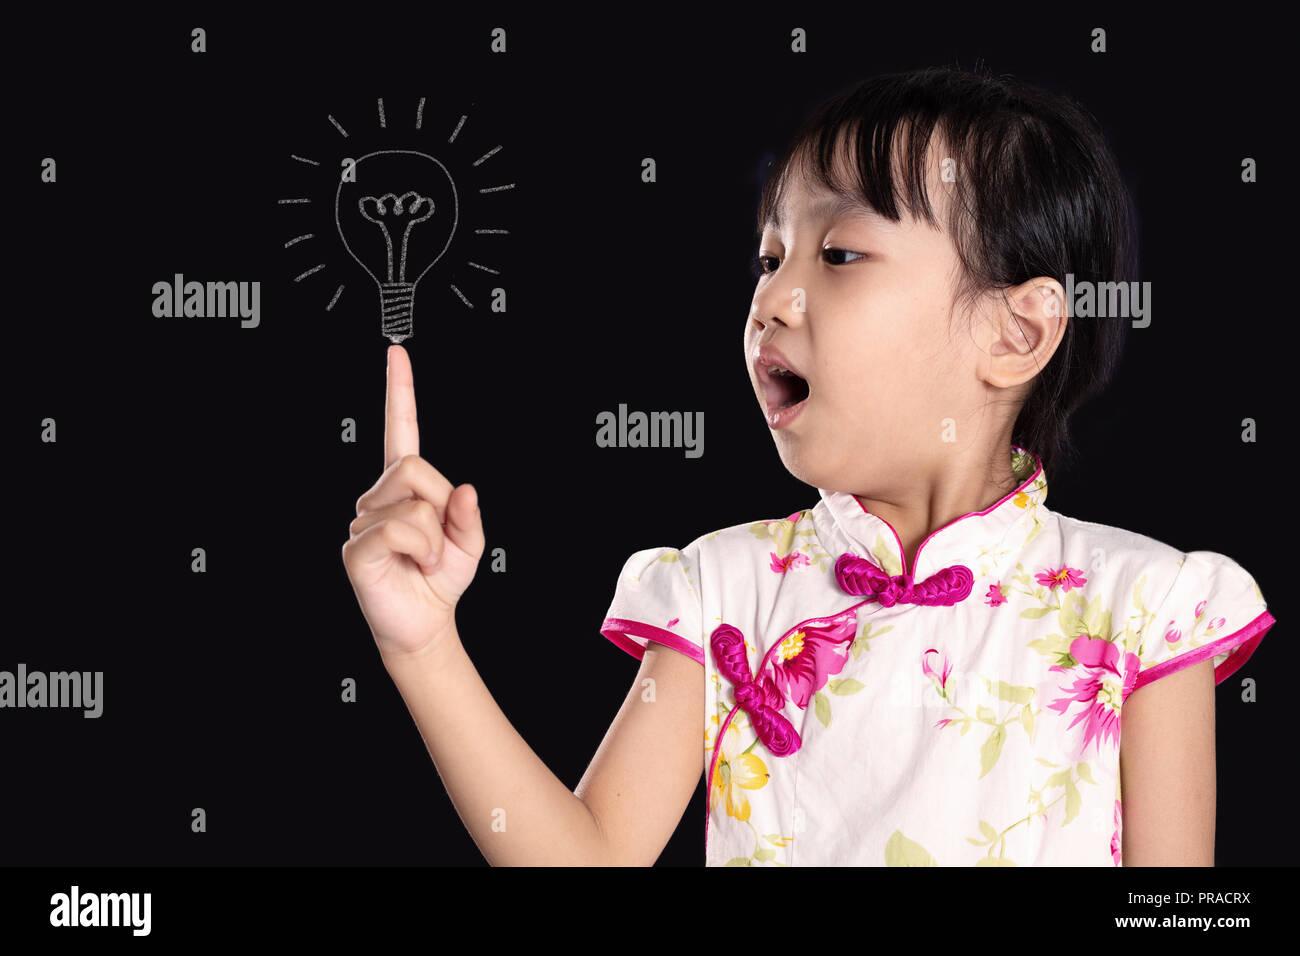 Cinese asiatici bambina puntare il dito fino al bulbo in isolati su sfondo nero Immagini Stock